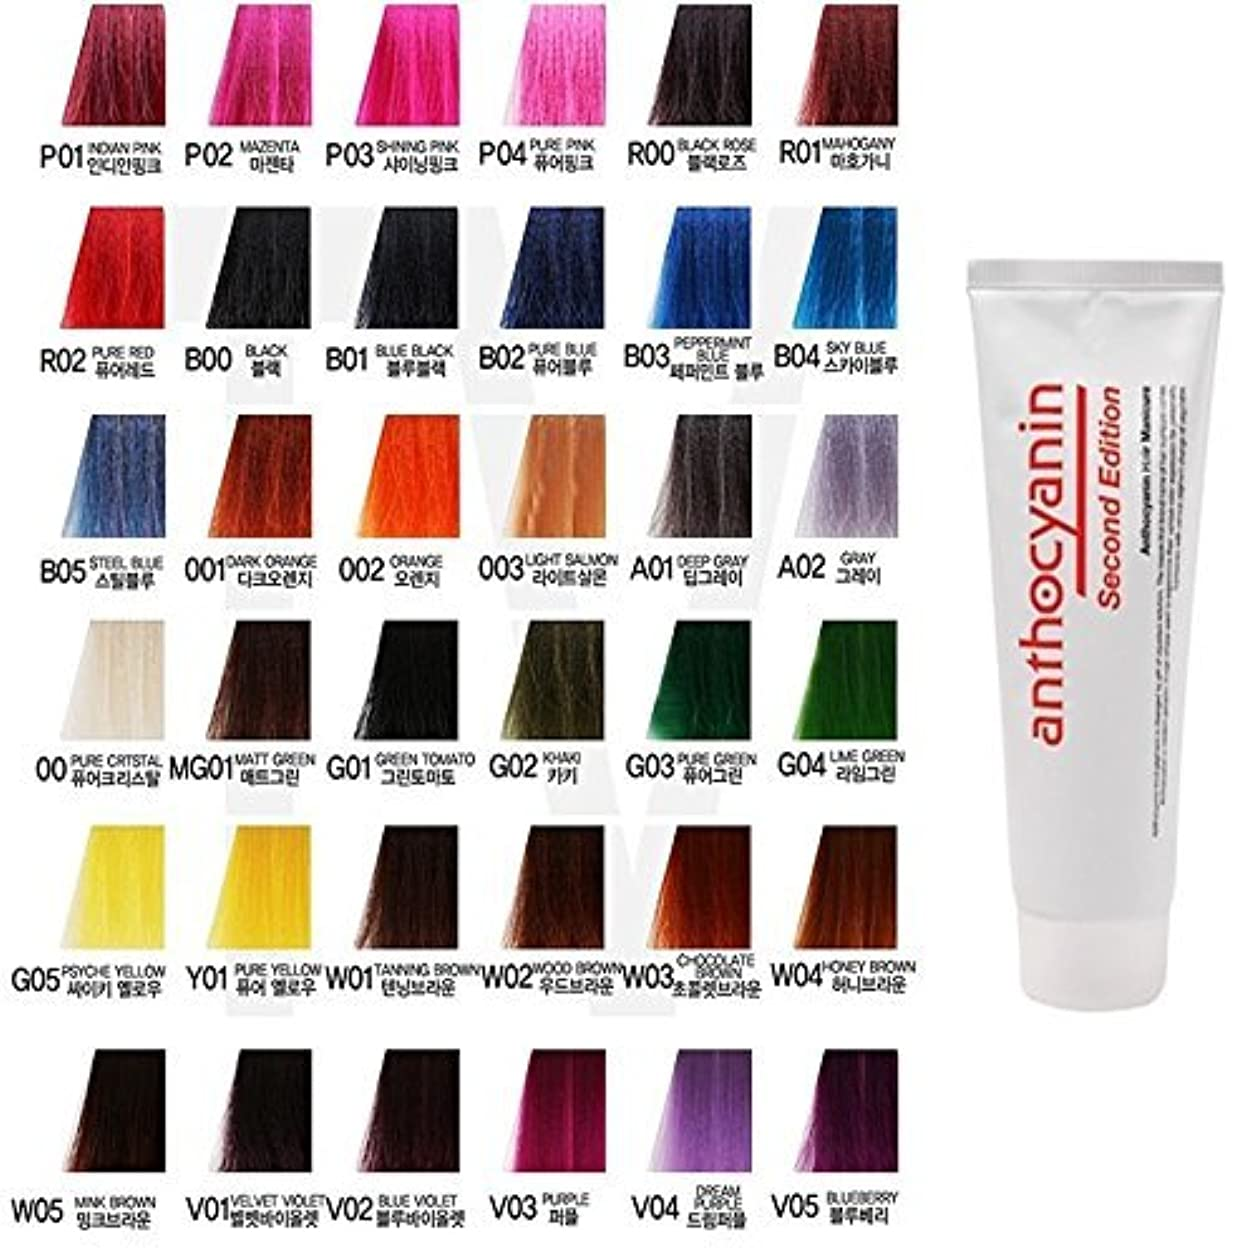 クラウド回答フォーマットヘア マニキュア カラー セカンド エディション 230g セミ パーマネント 染毛剤 ( Hair Manicure Color Second Edition 230g Semi Permanent Hair Dye) [並行輸入品] (O02 Orange)